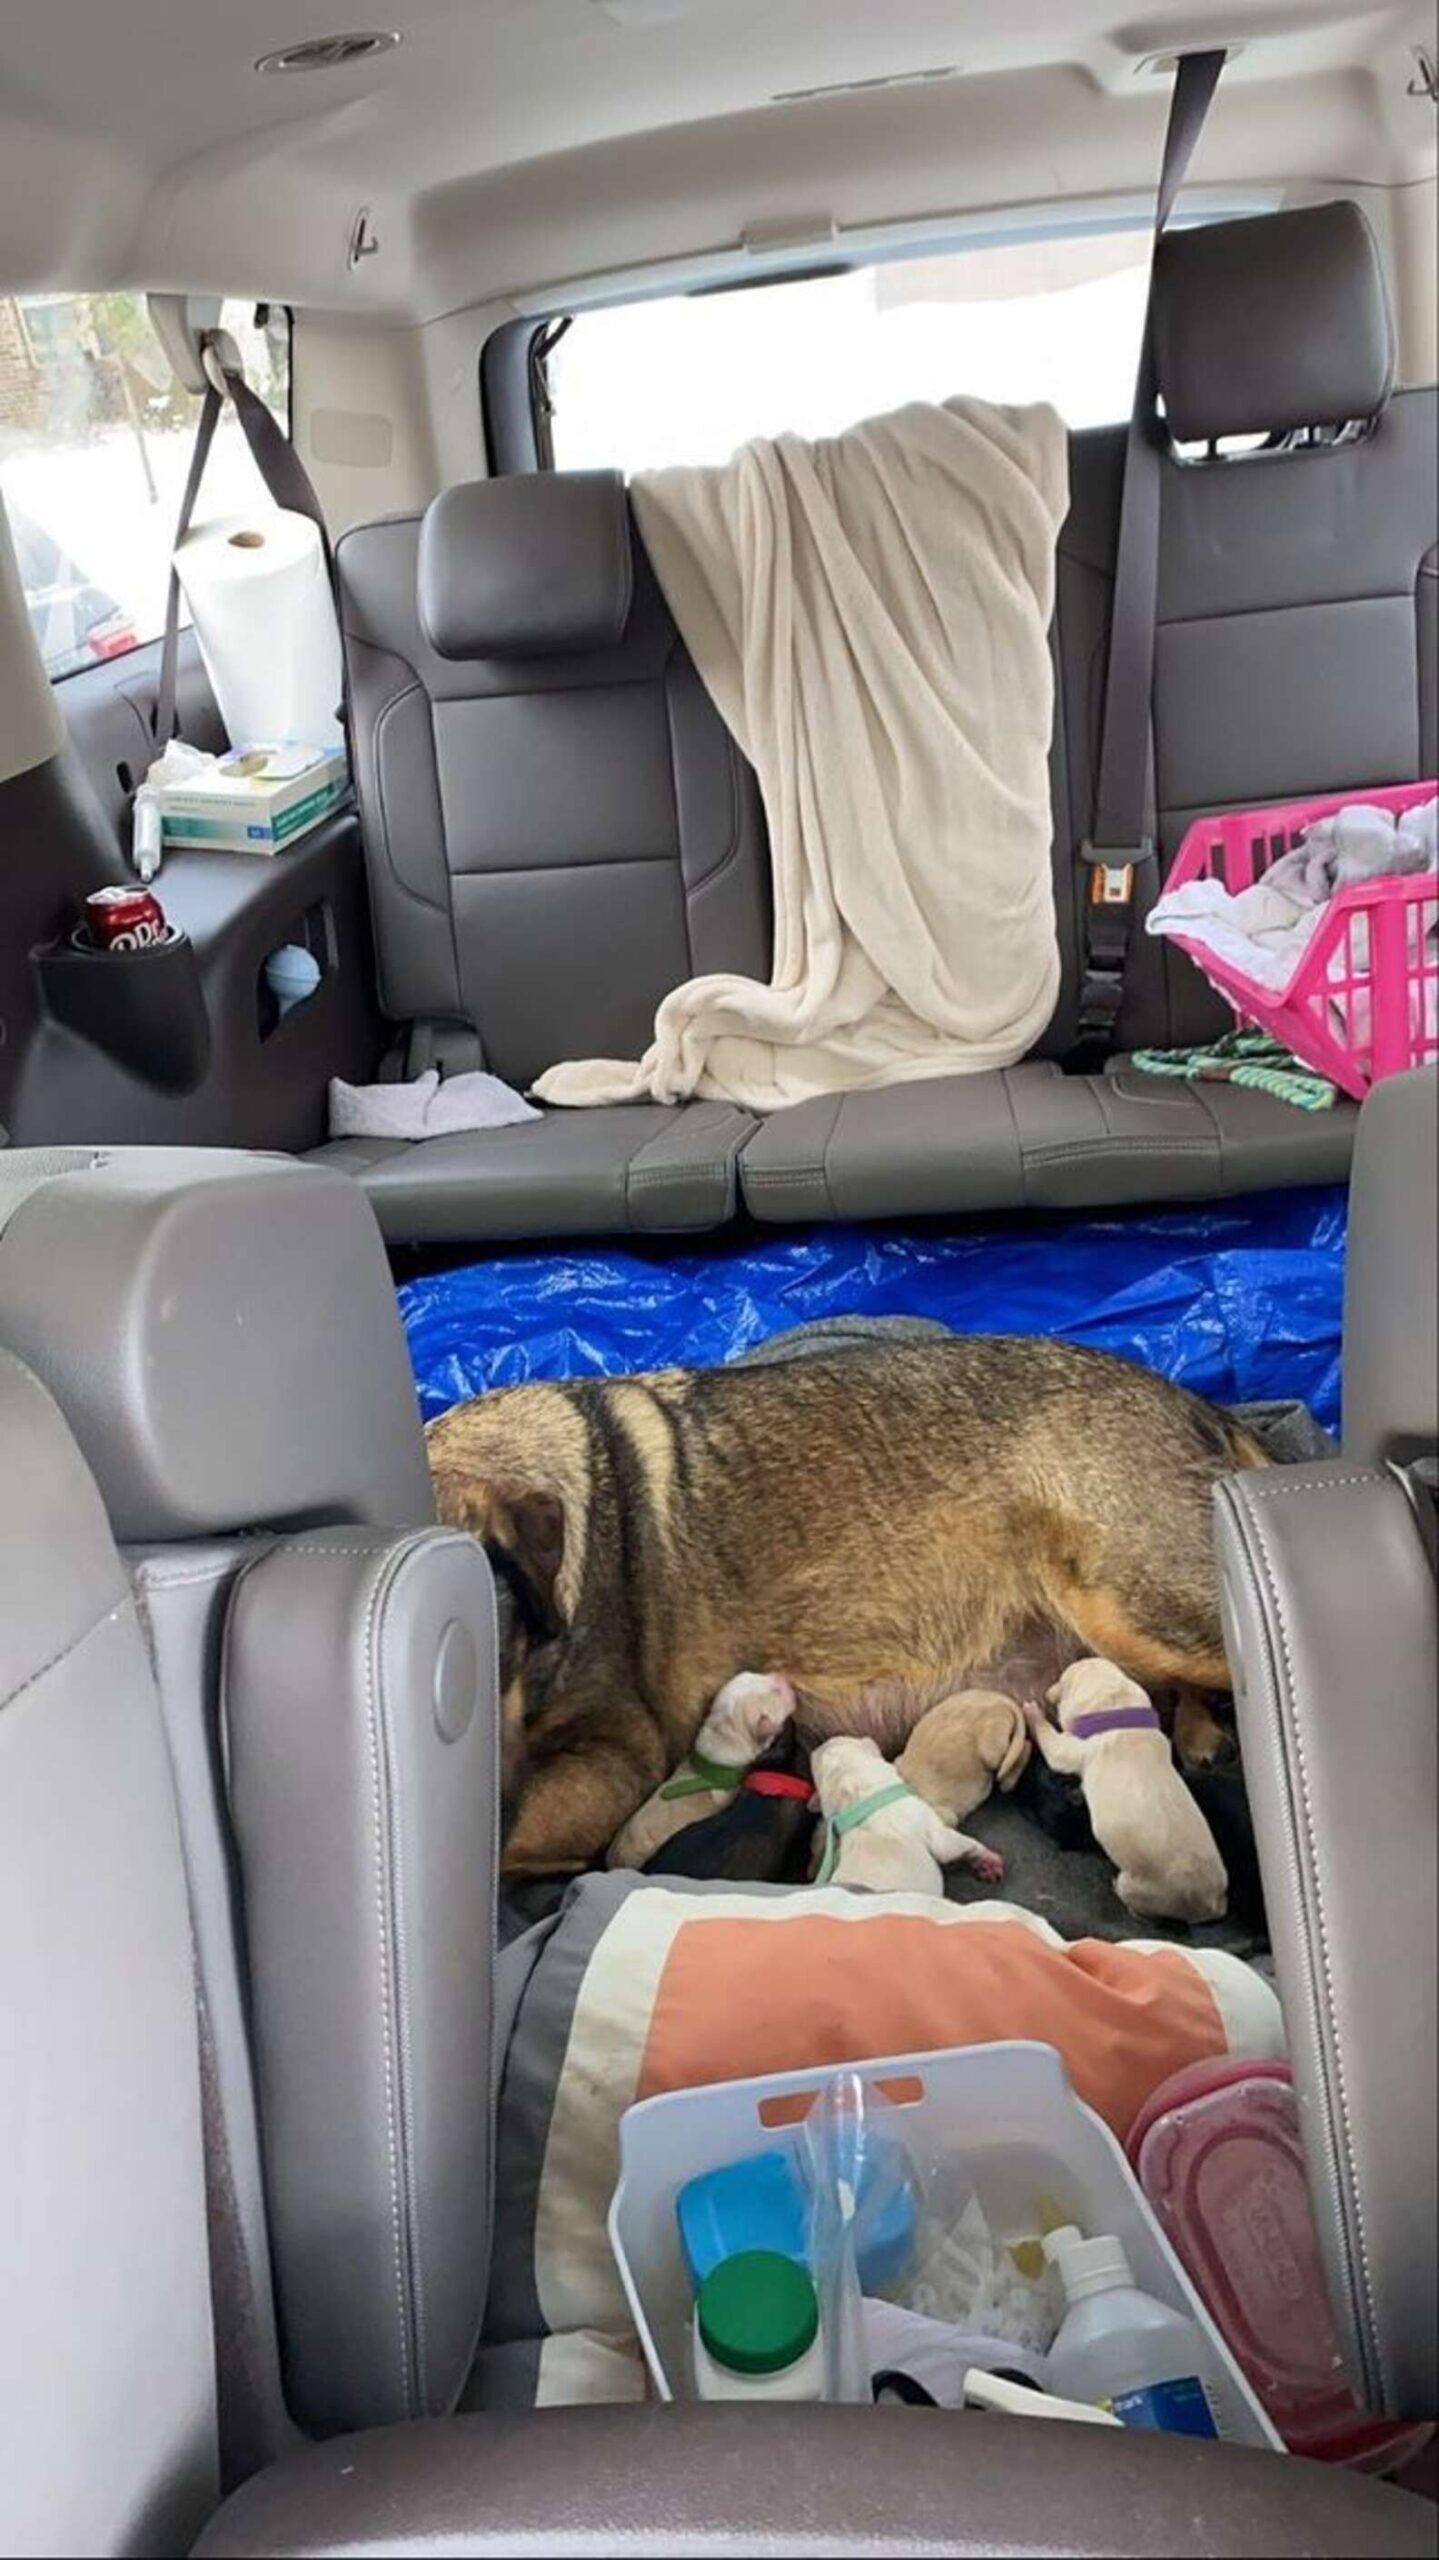 Maggie partorisce in auto